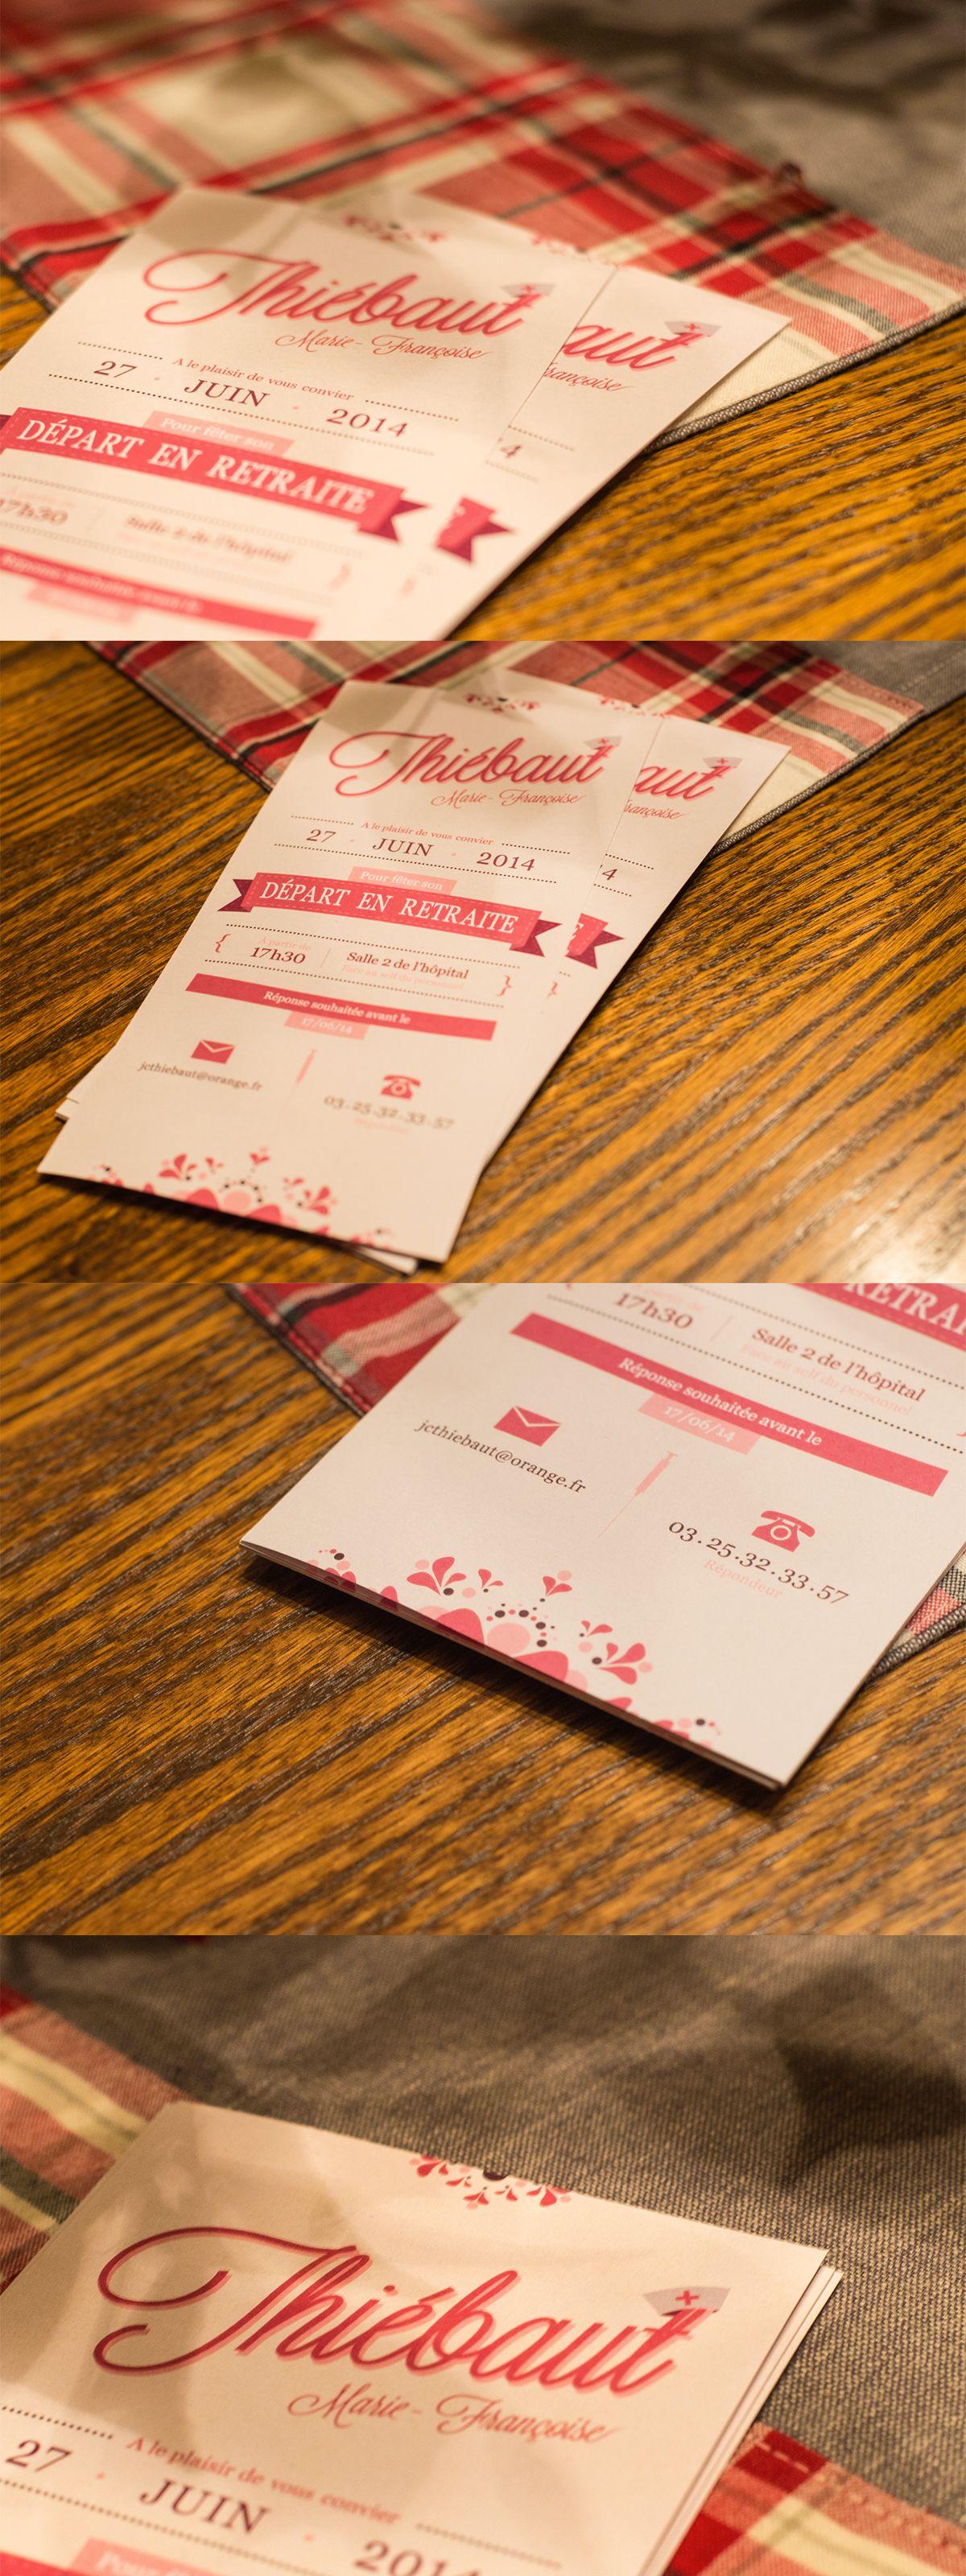 Creation De Cartons D Invitation Pour Un Pot De Depart En Retraite Travail Sur La Typographie Les Couleurs Ainsi Carte Invitation Carte De Visite Invitation